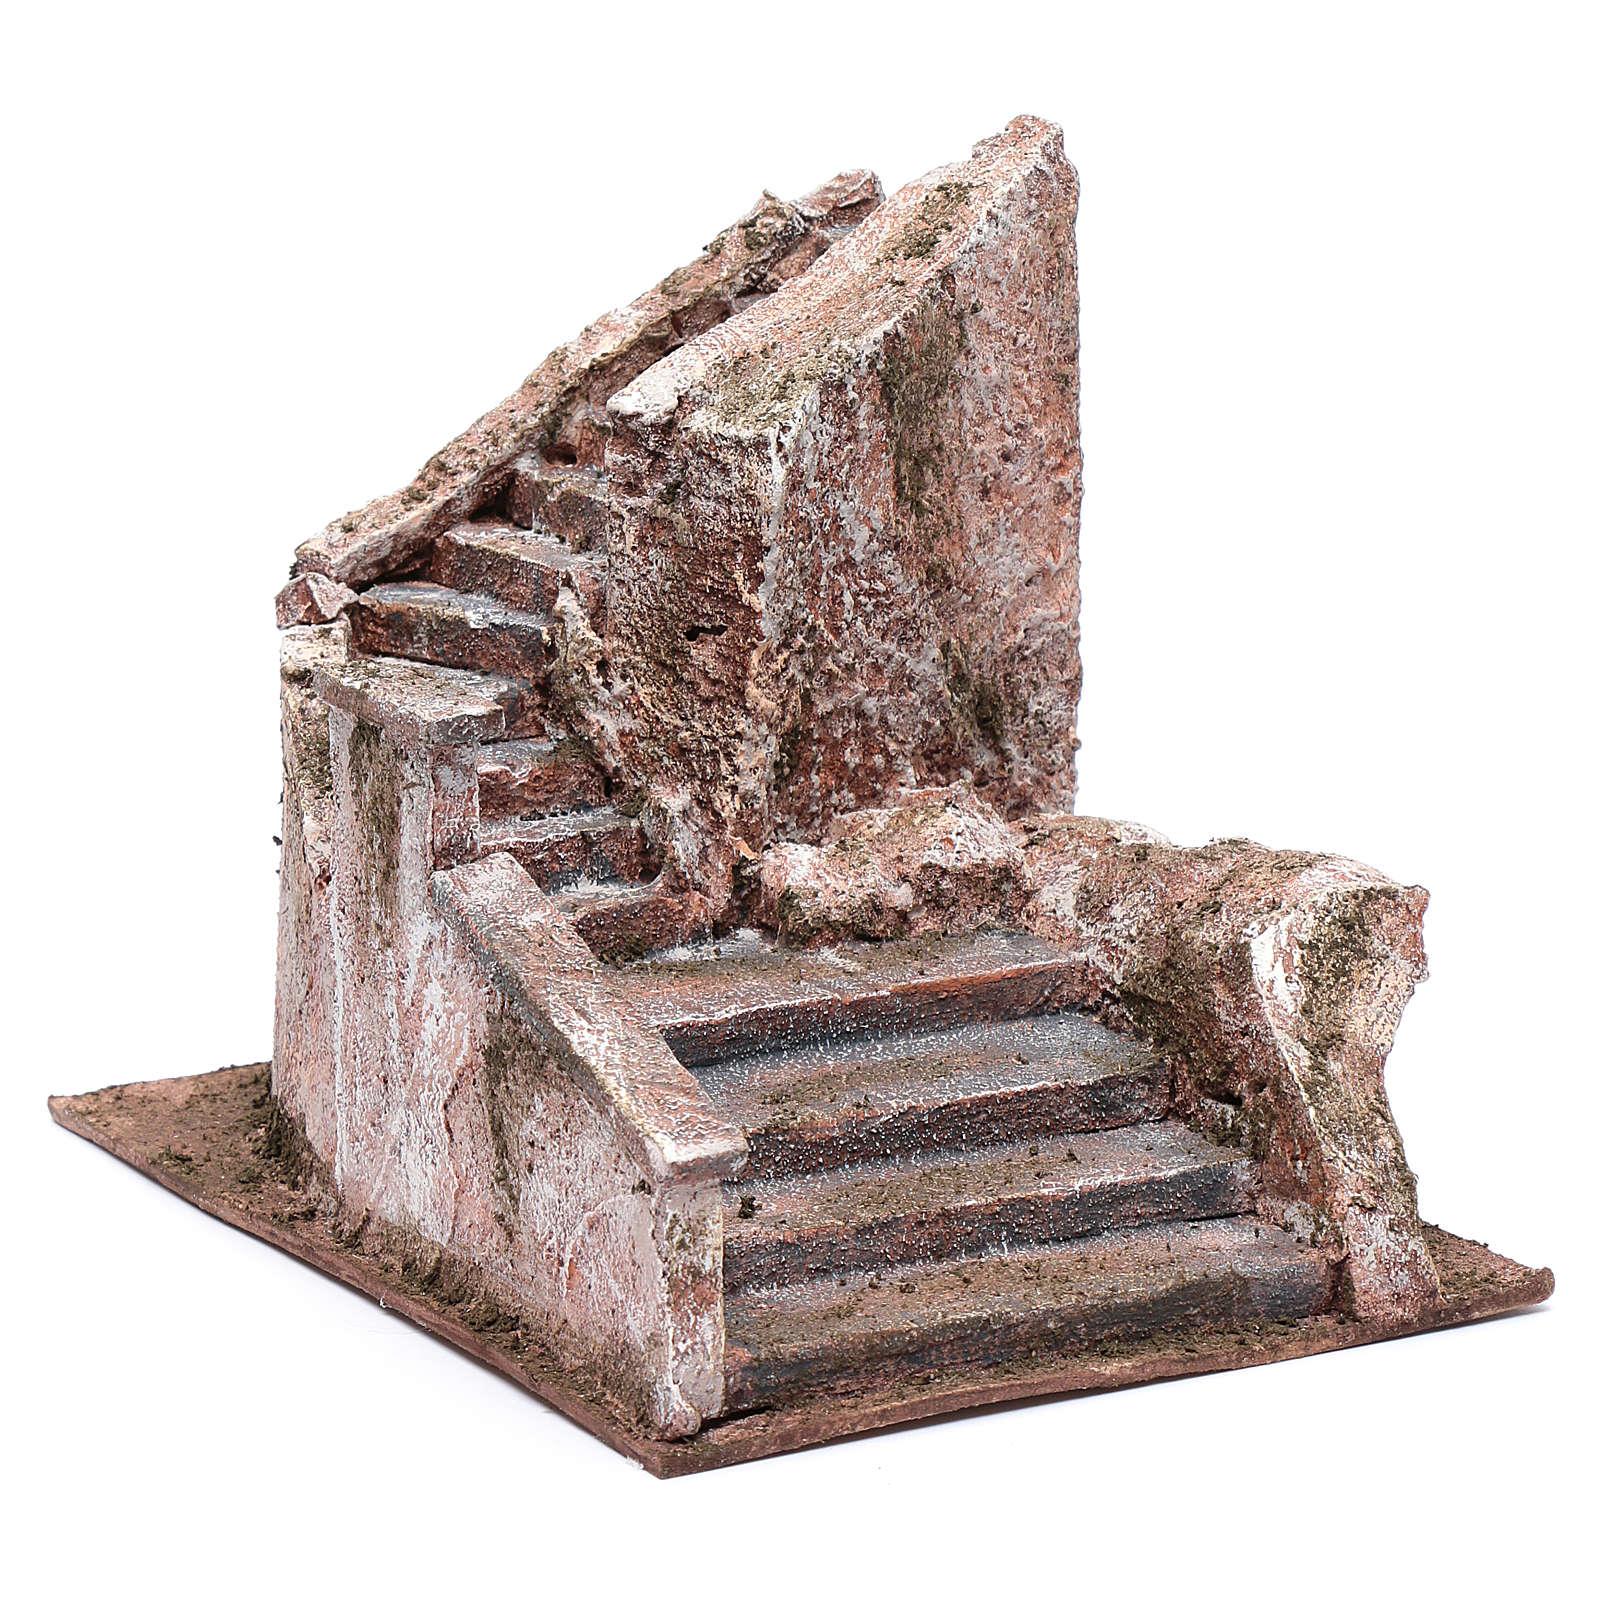 Nativity scene stone stairway 15x15x25 cm 4